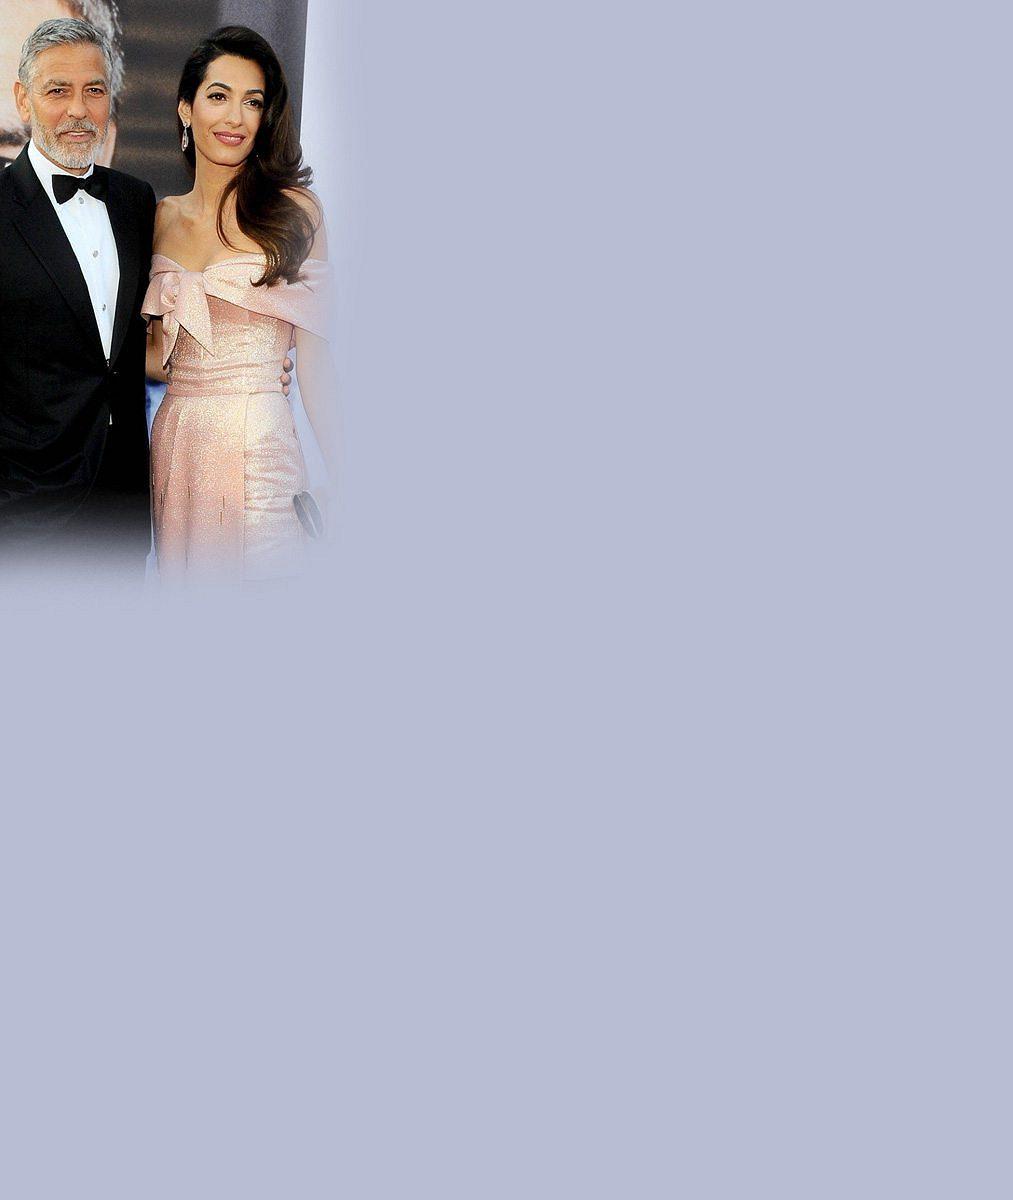 George Clooney převzal cenu za celoživotní dílo. Největším oceněním však byla dojemná řeč jeho manželky